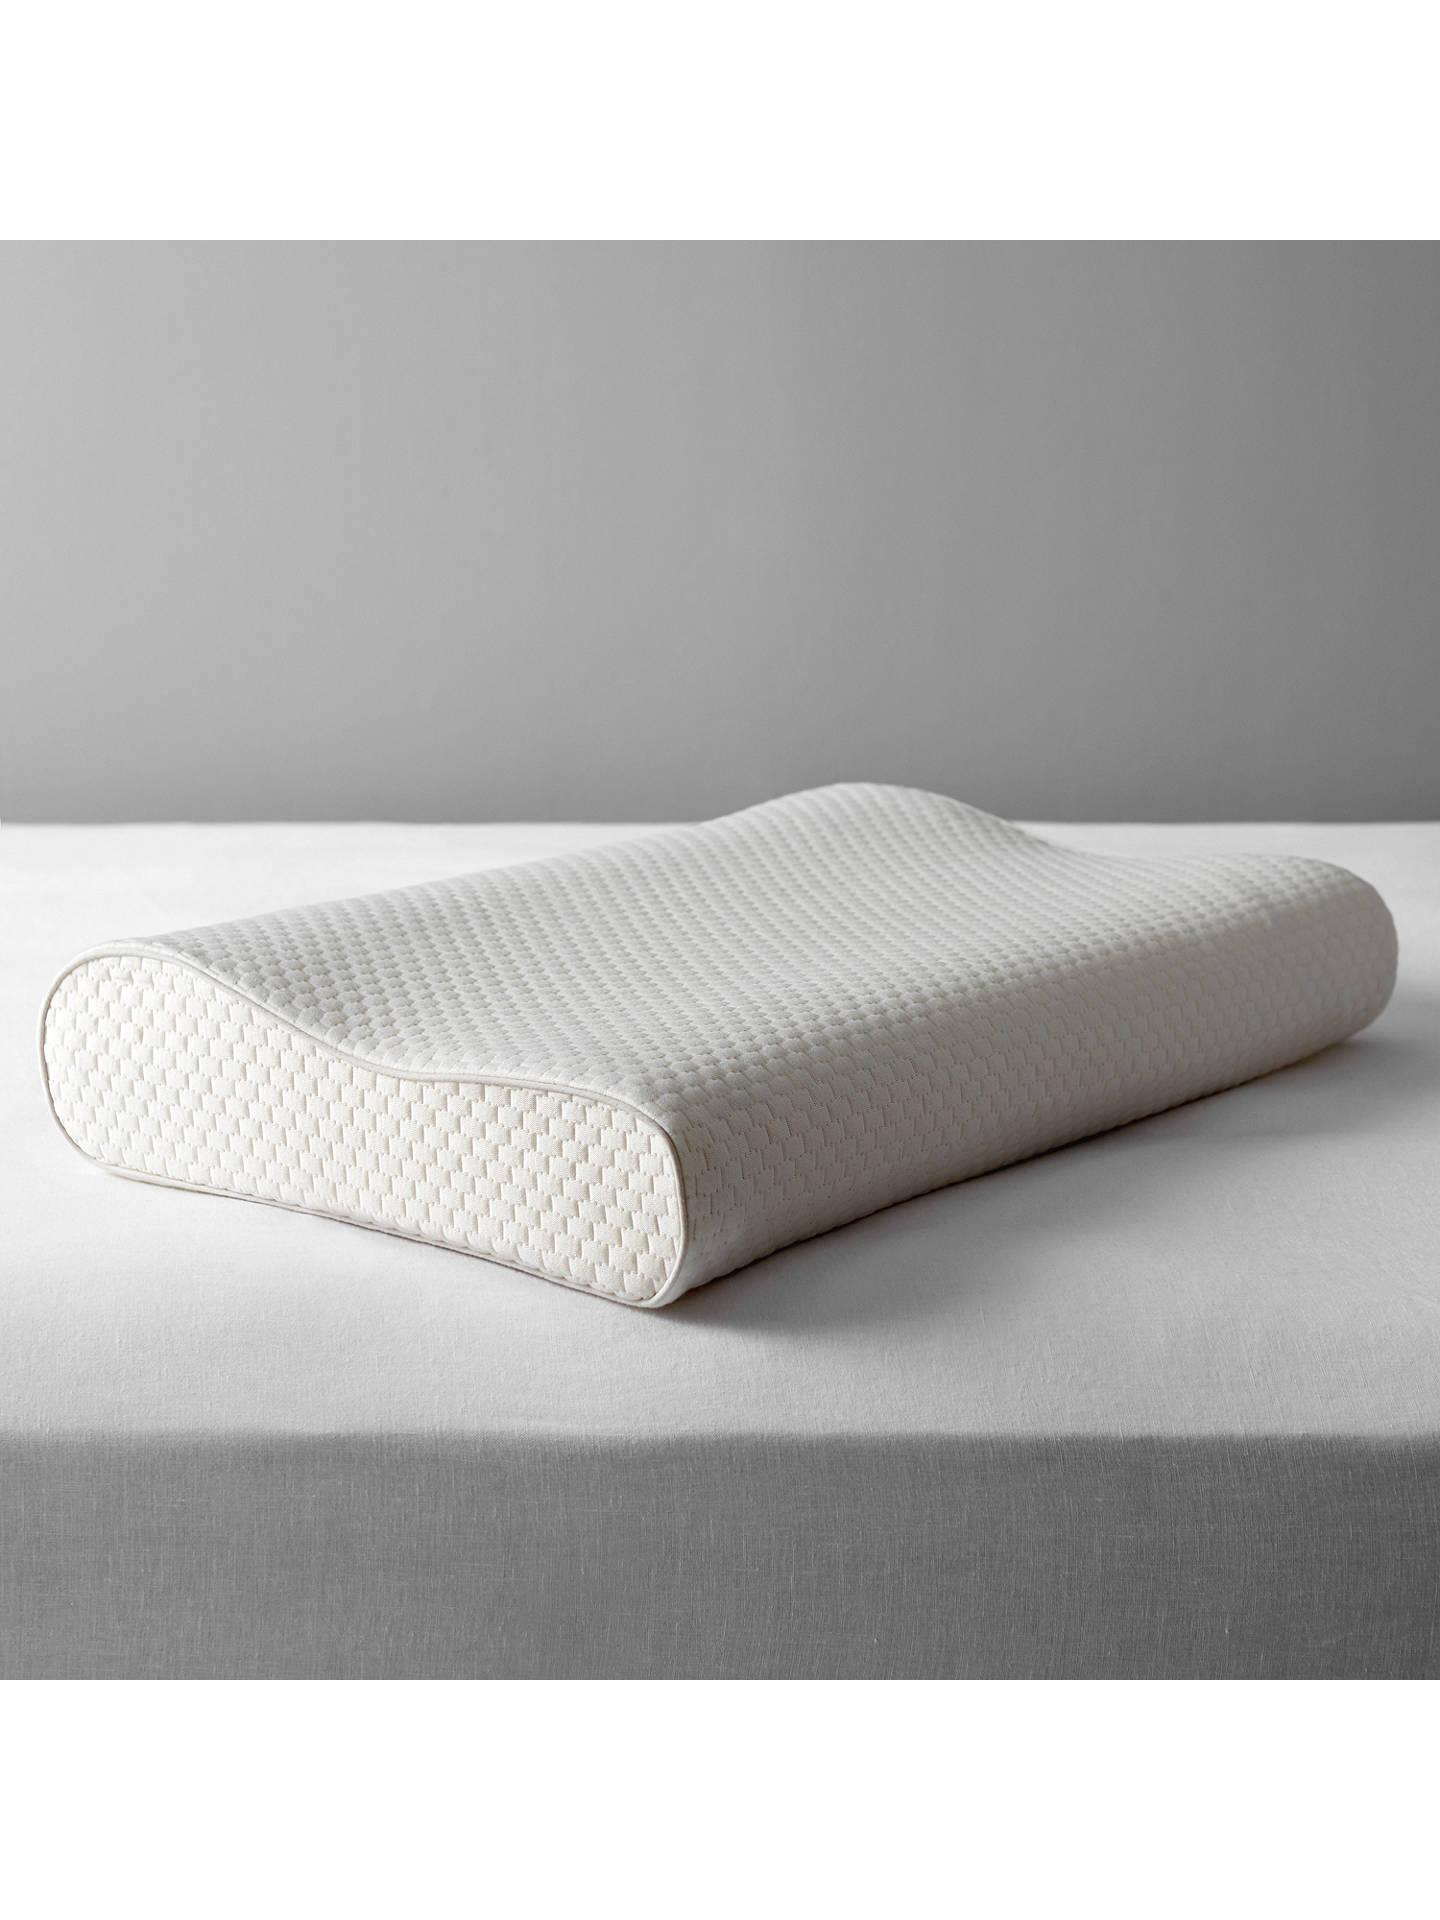 Memory Foam & Orthopaedic Pillows